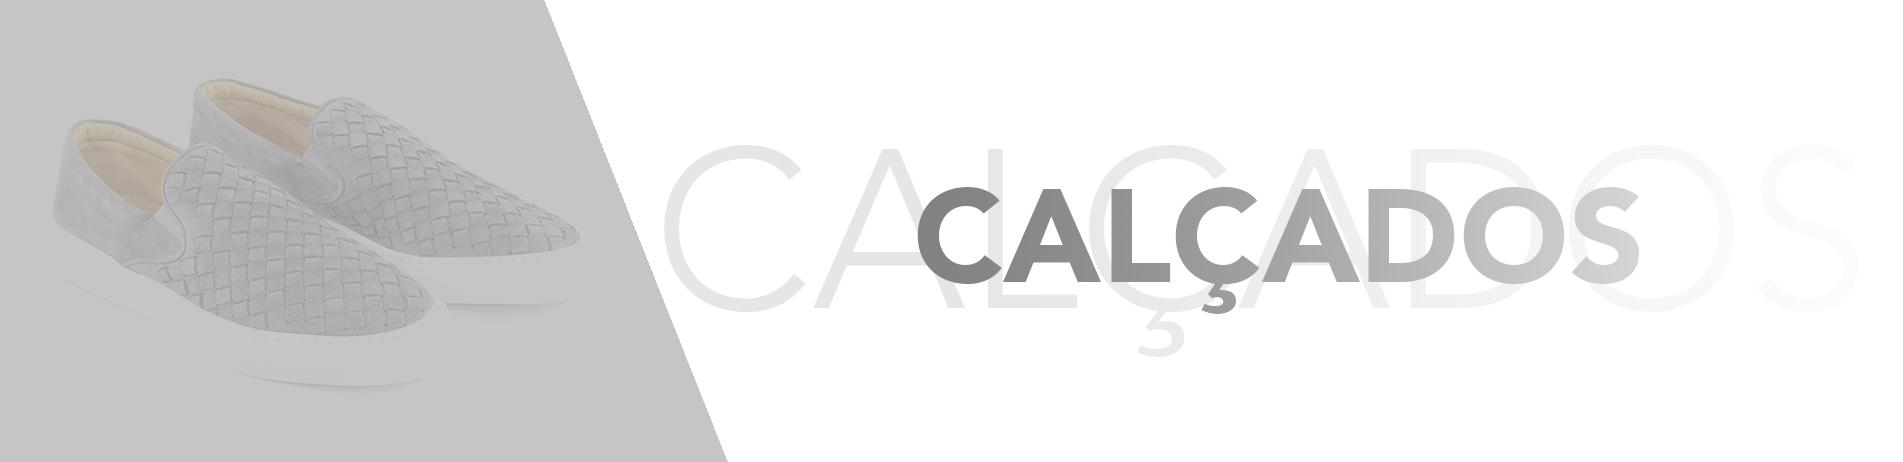 CATEGORIA - Calçados